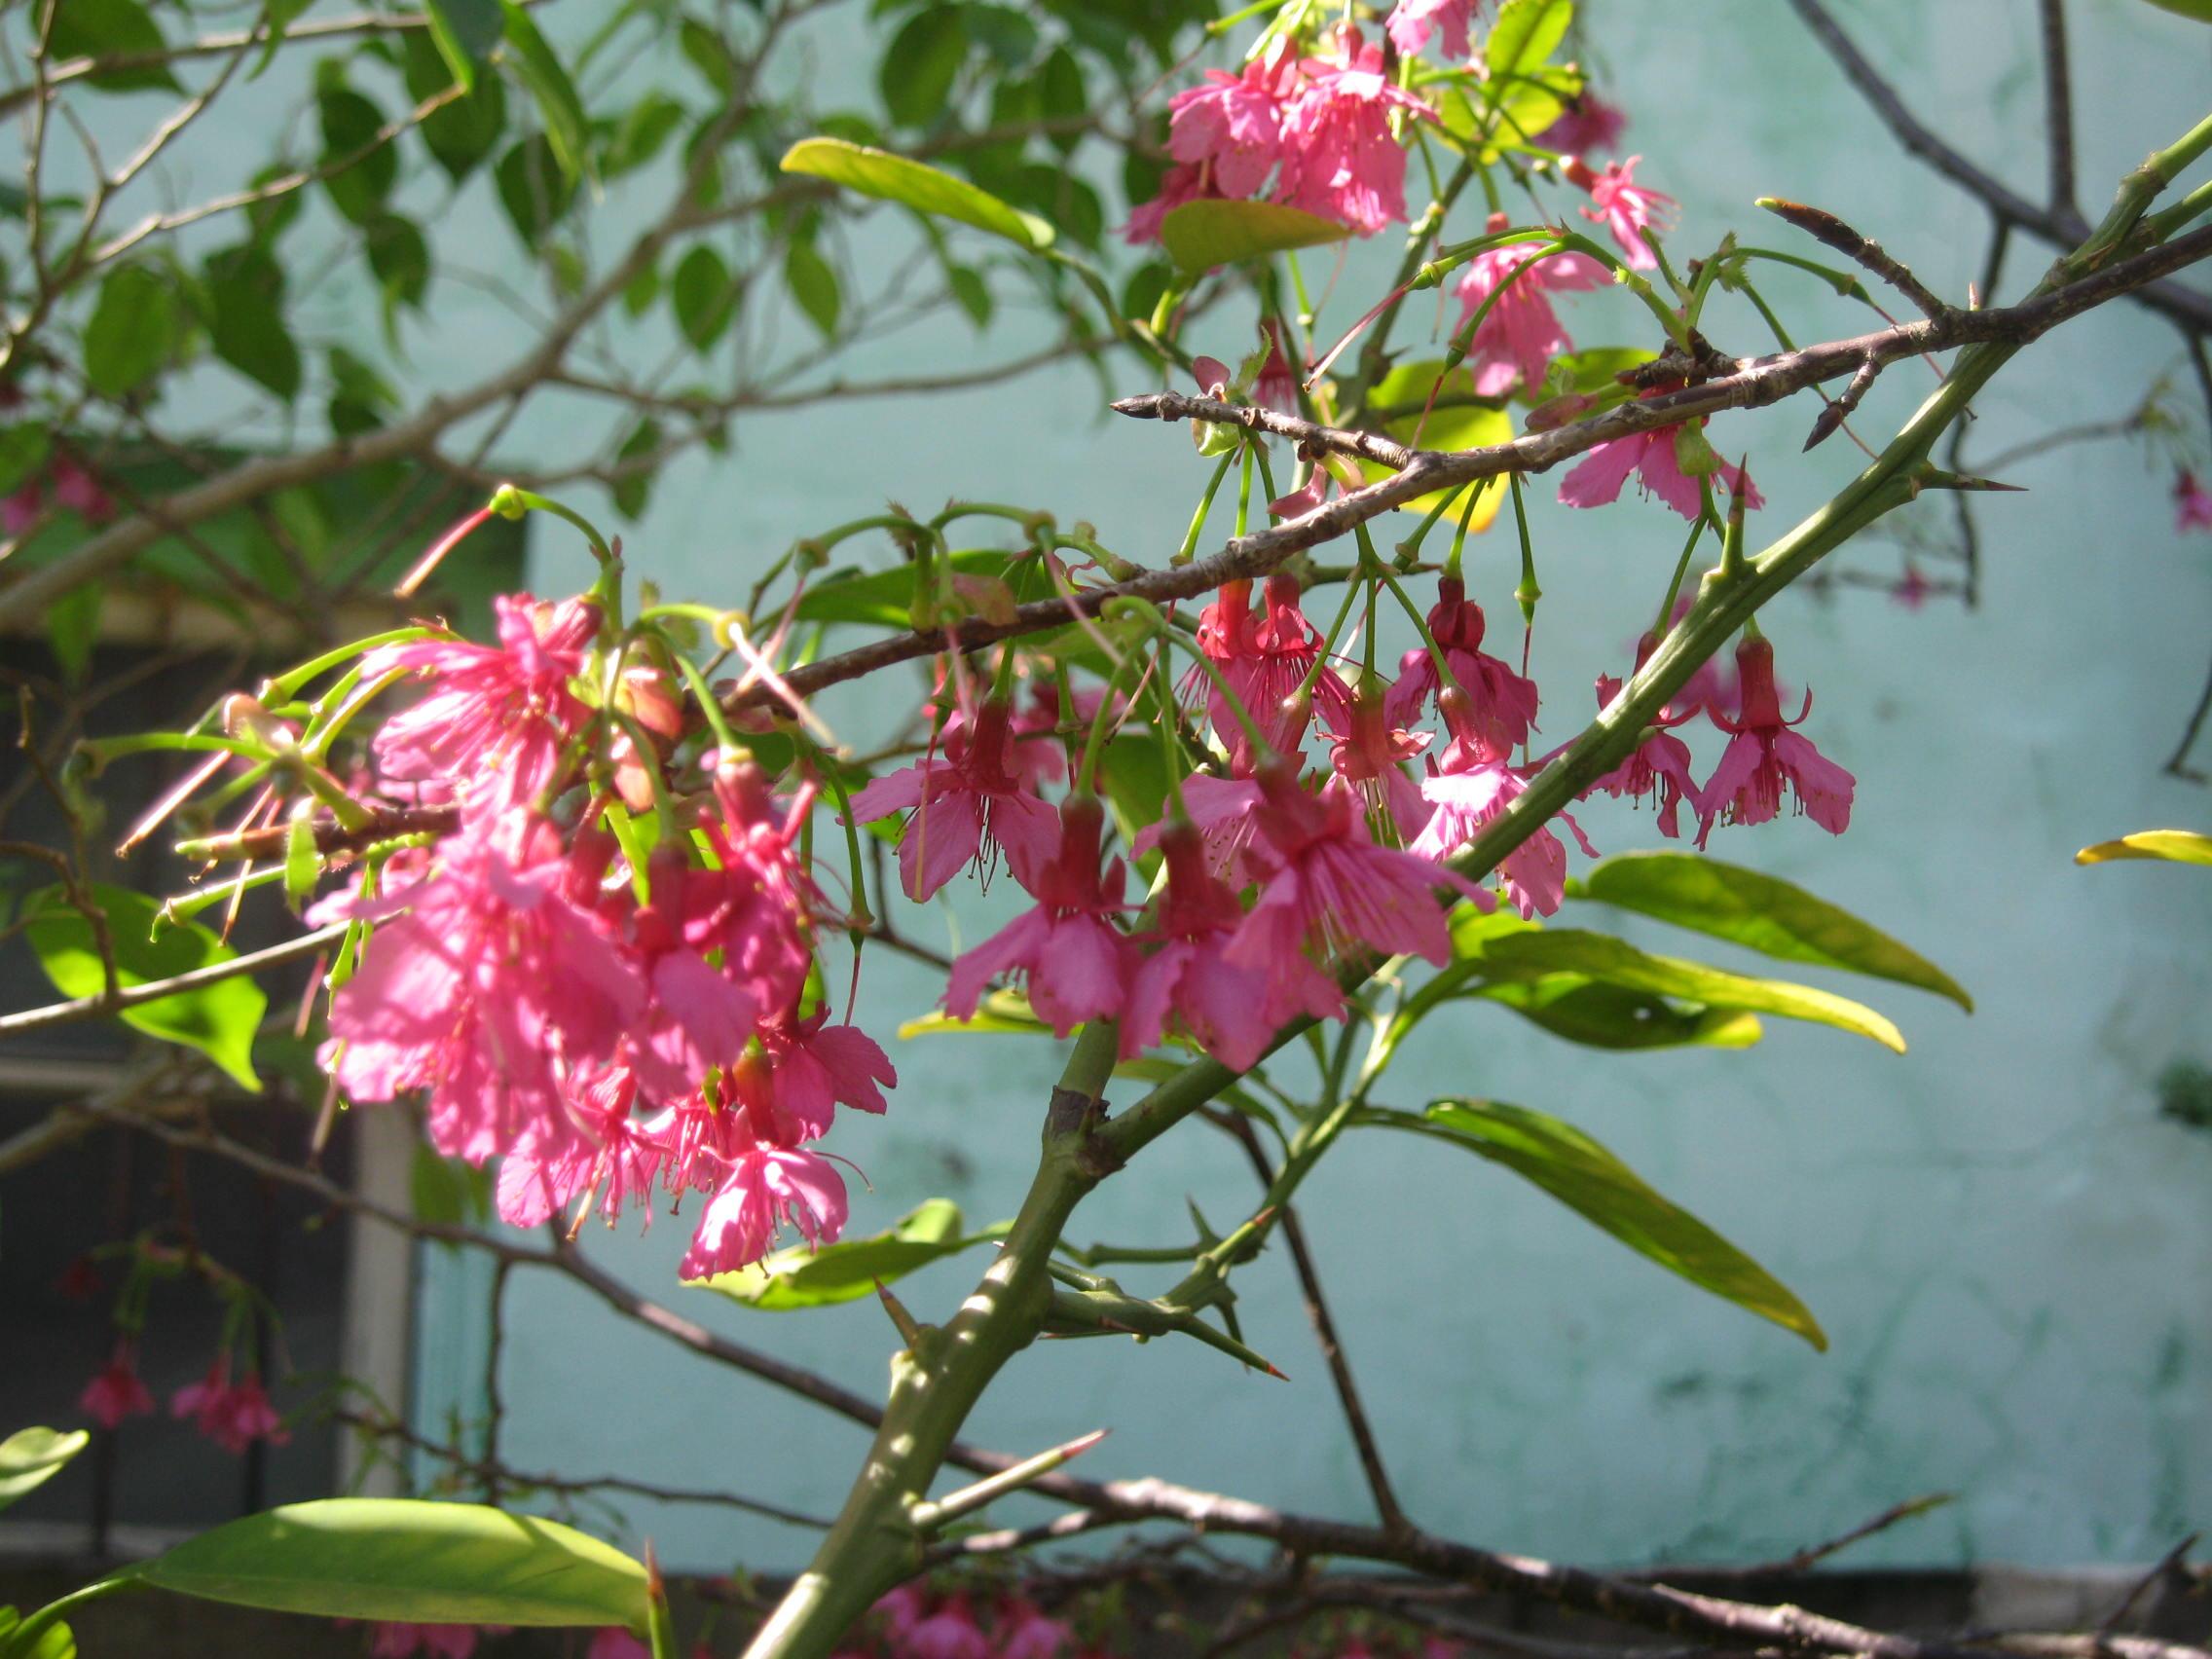 春天开花图在线观看,夏季开花的树